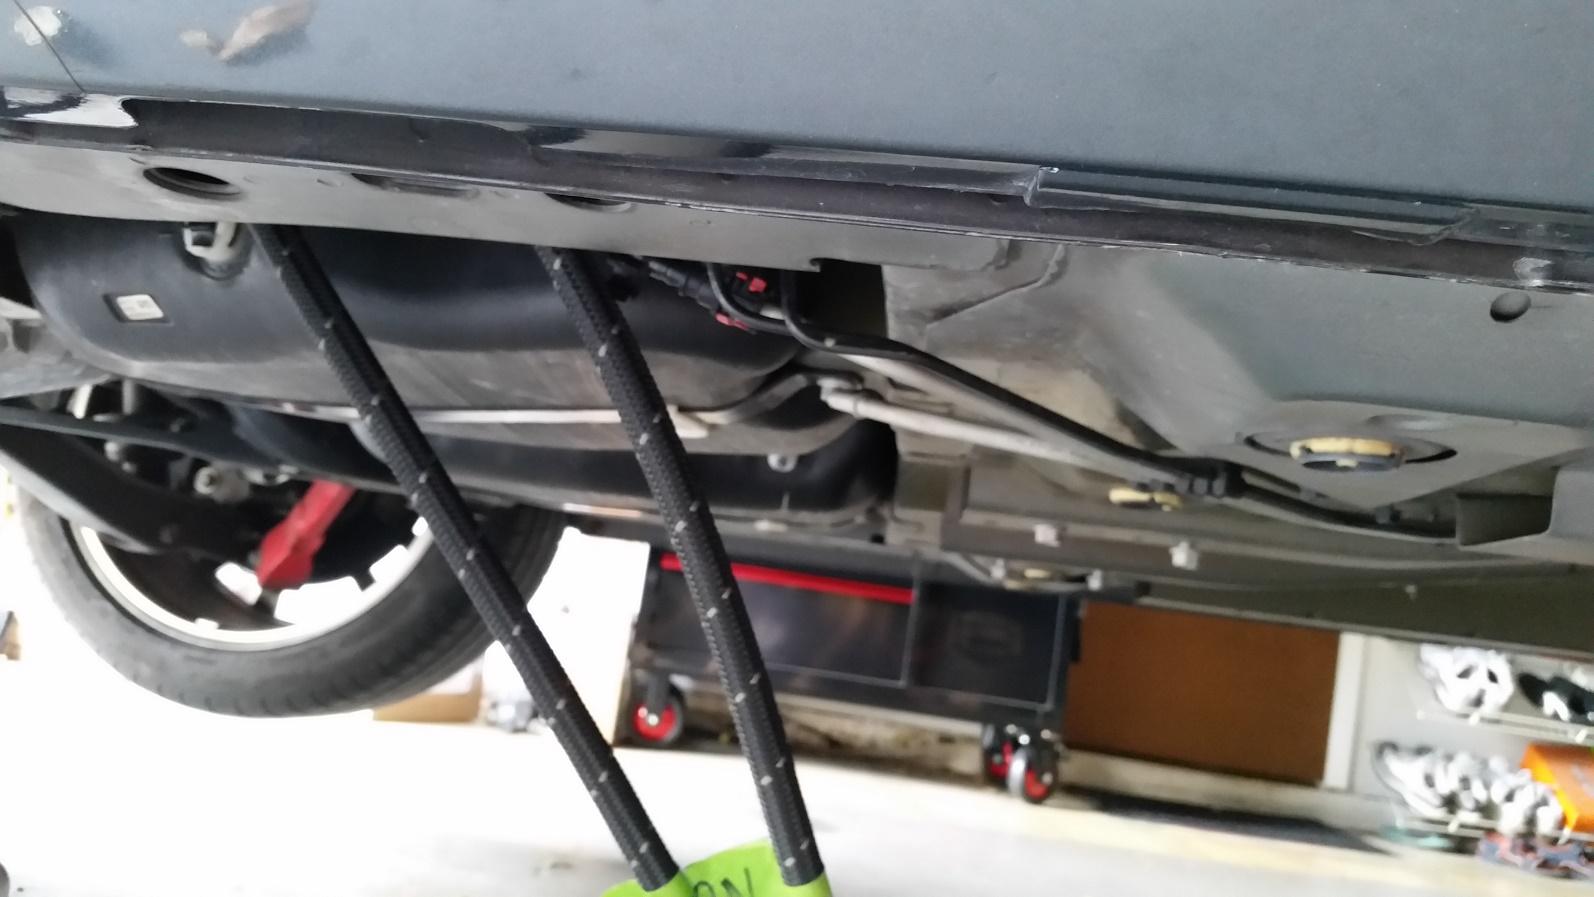 Fore innoations fuel system - Camaro5 Chevy Camaro Forum / Camaro